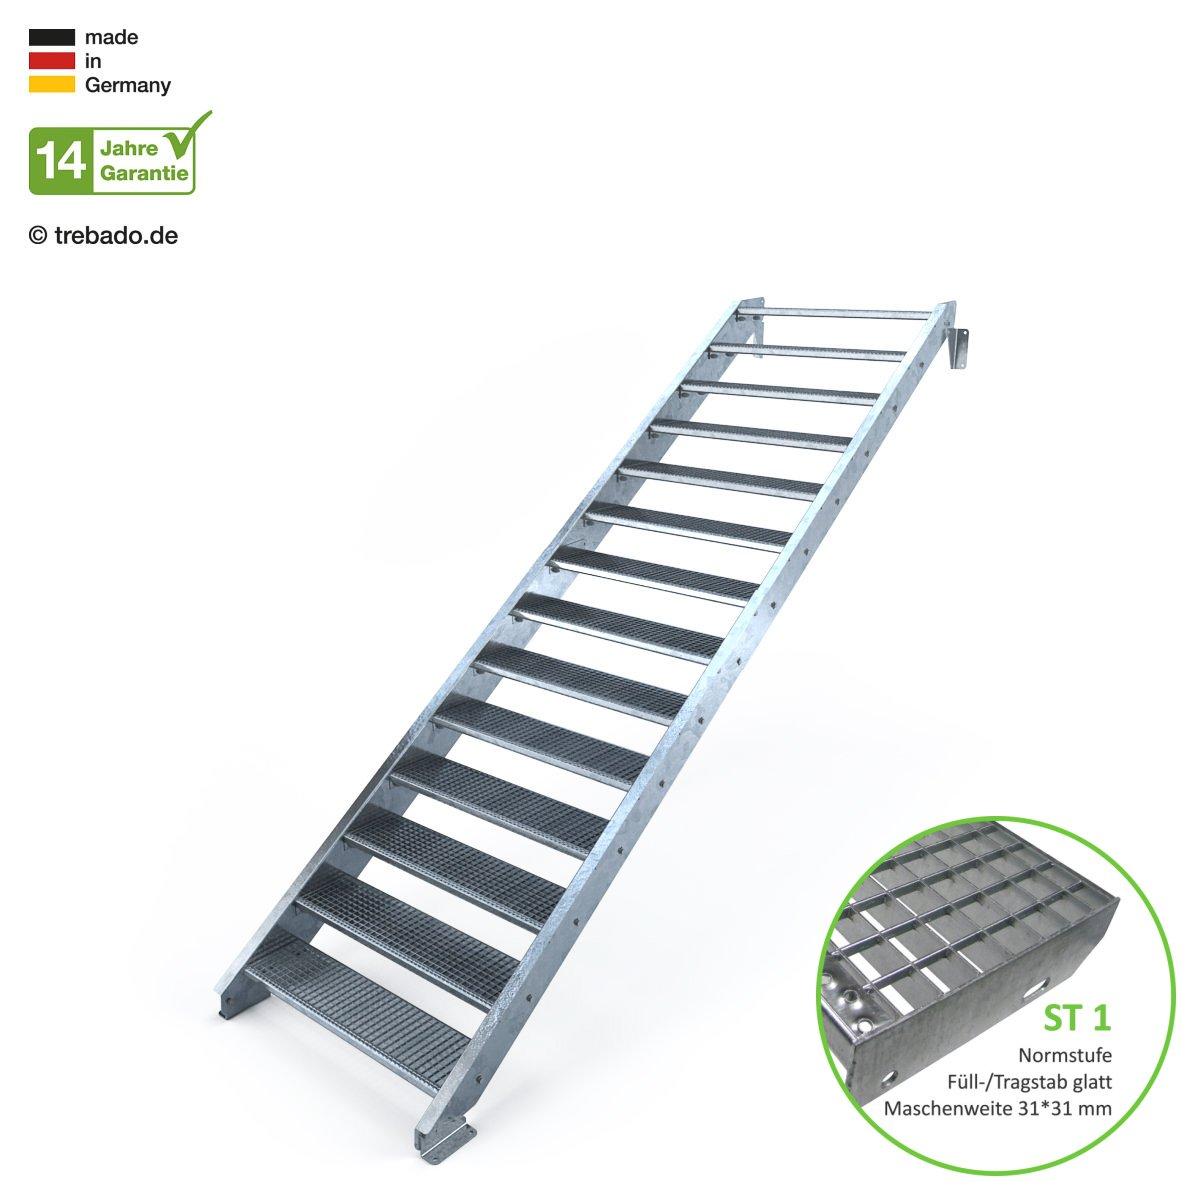 feuerverzinkte Stahltreppe mit 1100 mm Stufenl/änge als montagefertiger Bausatz Gitterroststufe ST1 Anstellh/öhe variabel von 233 cm bis 280 cm ohne Gel/änder Au/ßentreppe 14 Stufen 110 cm Laufbreite